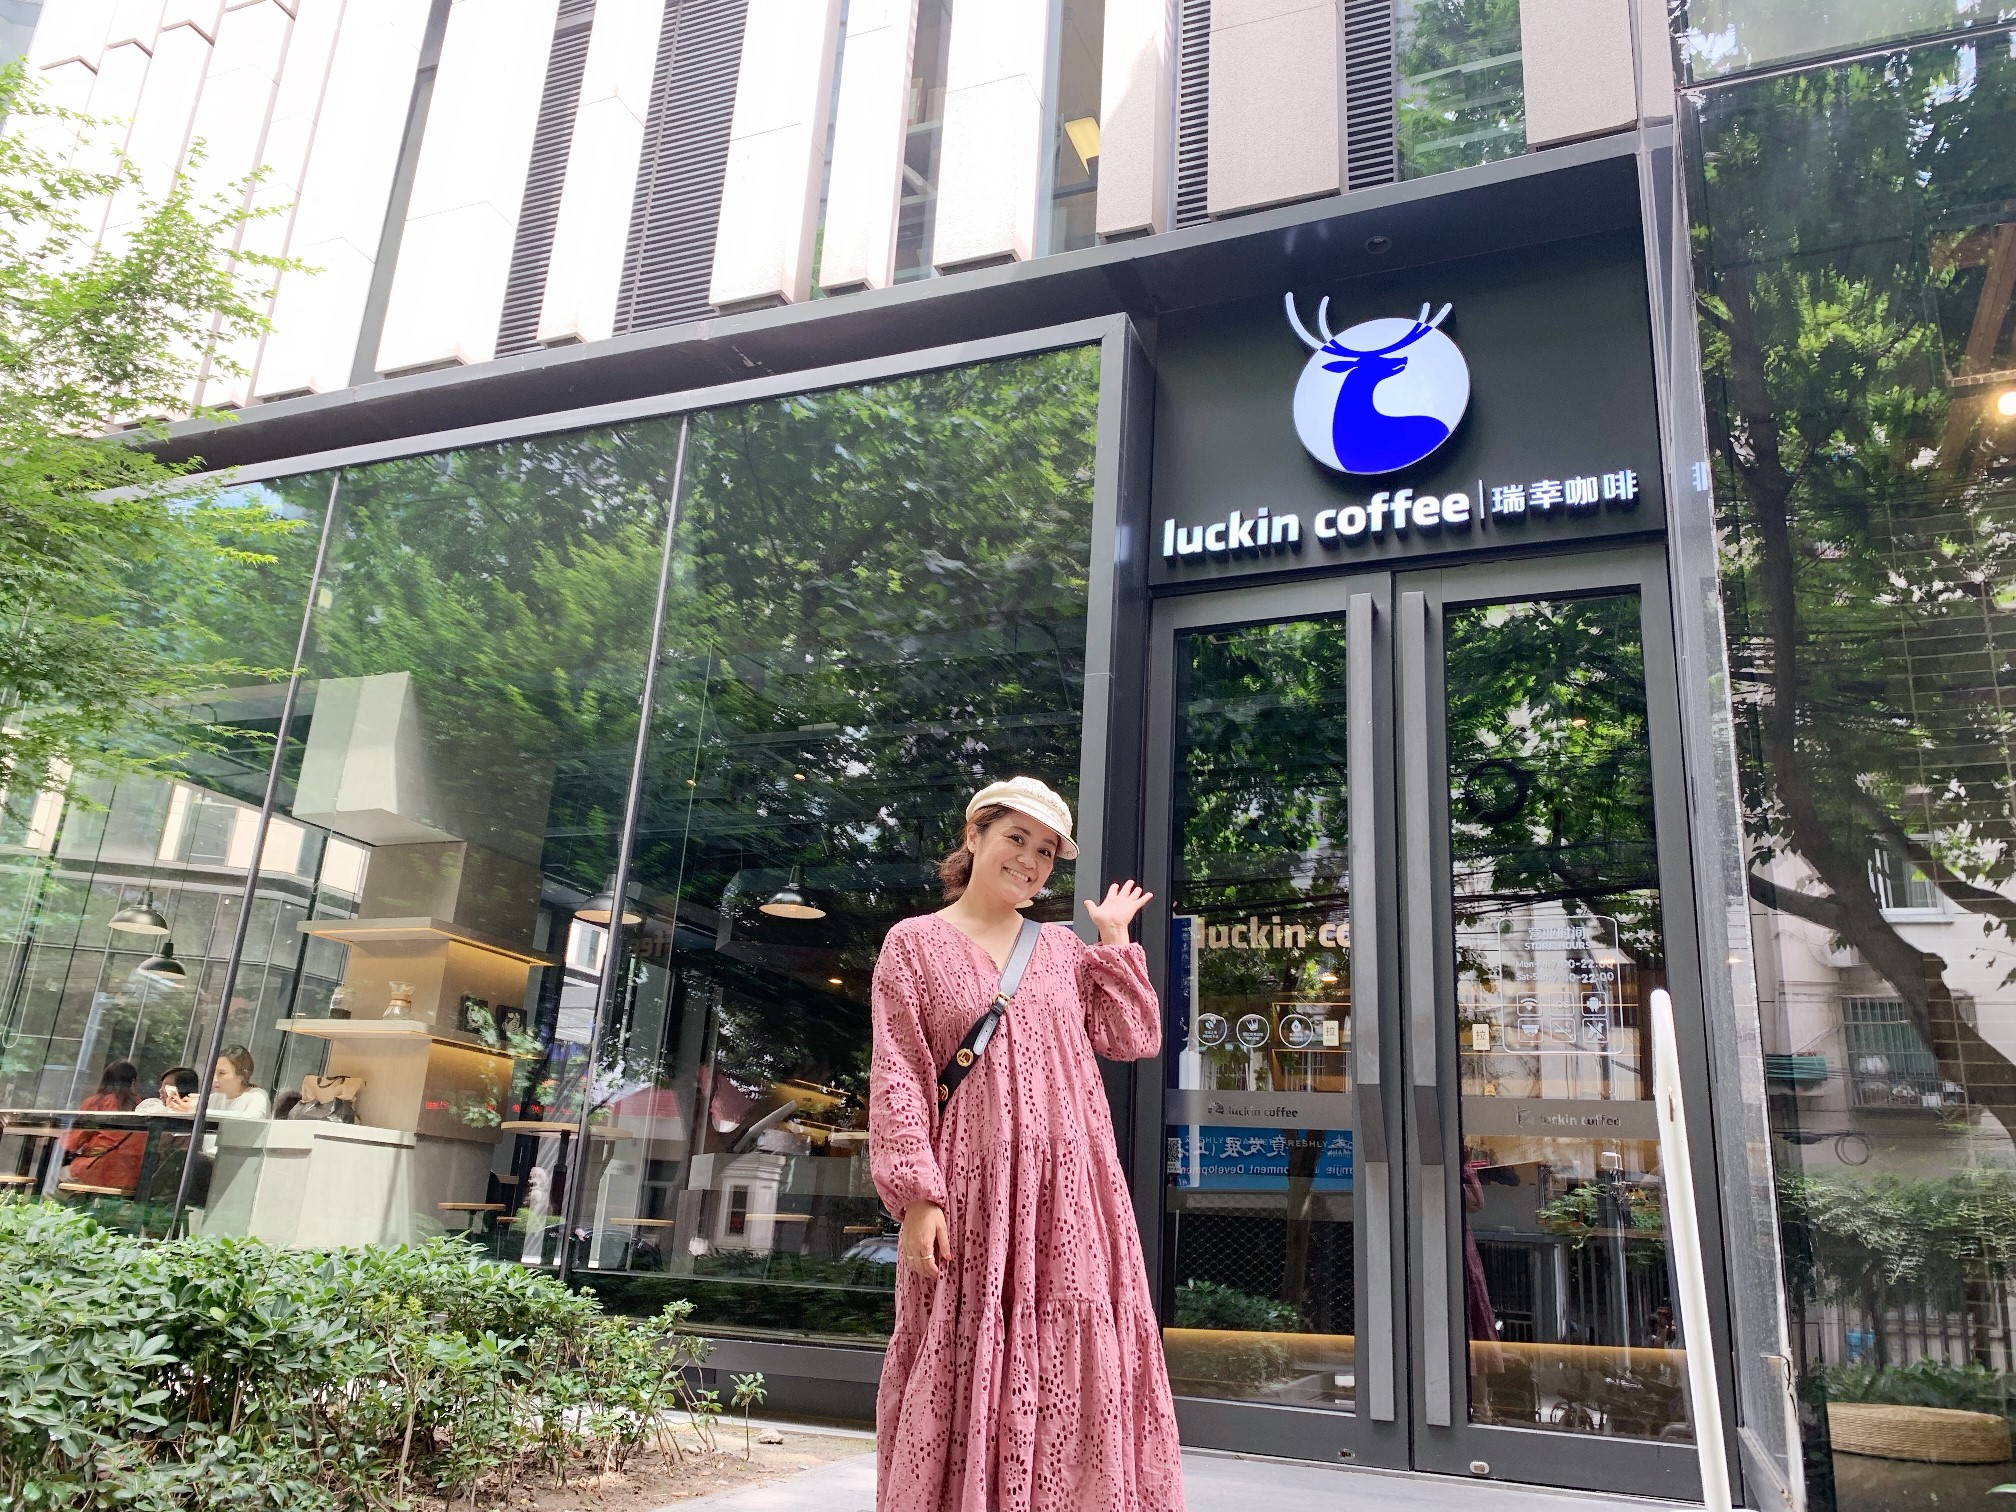 上海で見つけたおしゃれなカフェ&バー3選♪【 #TOKYOPANDA のオススメ上海情報 】_1